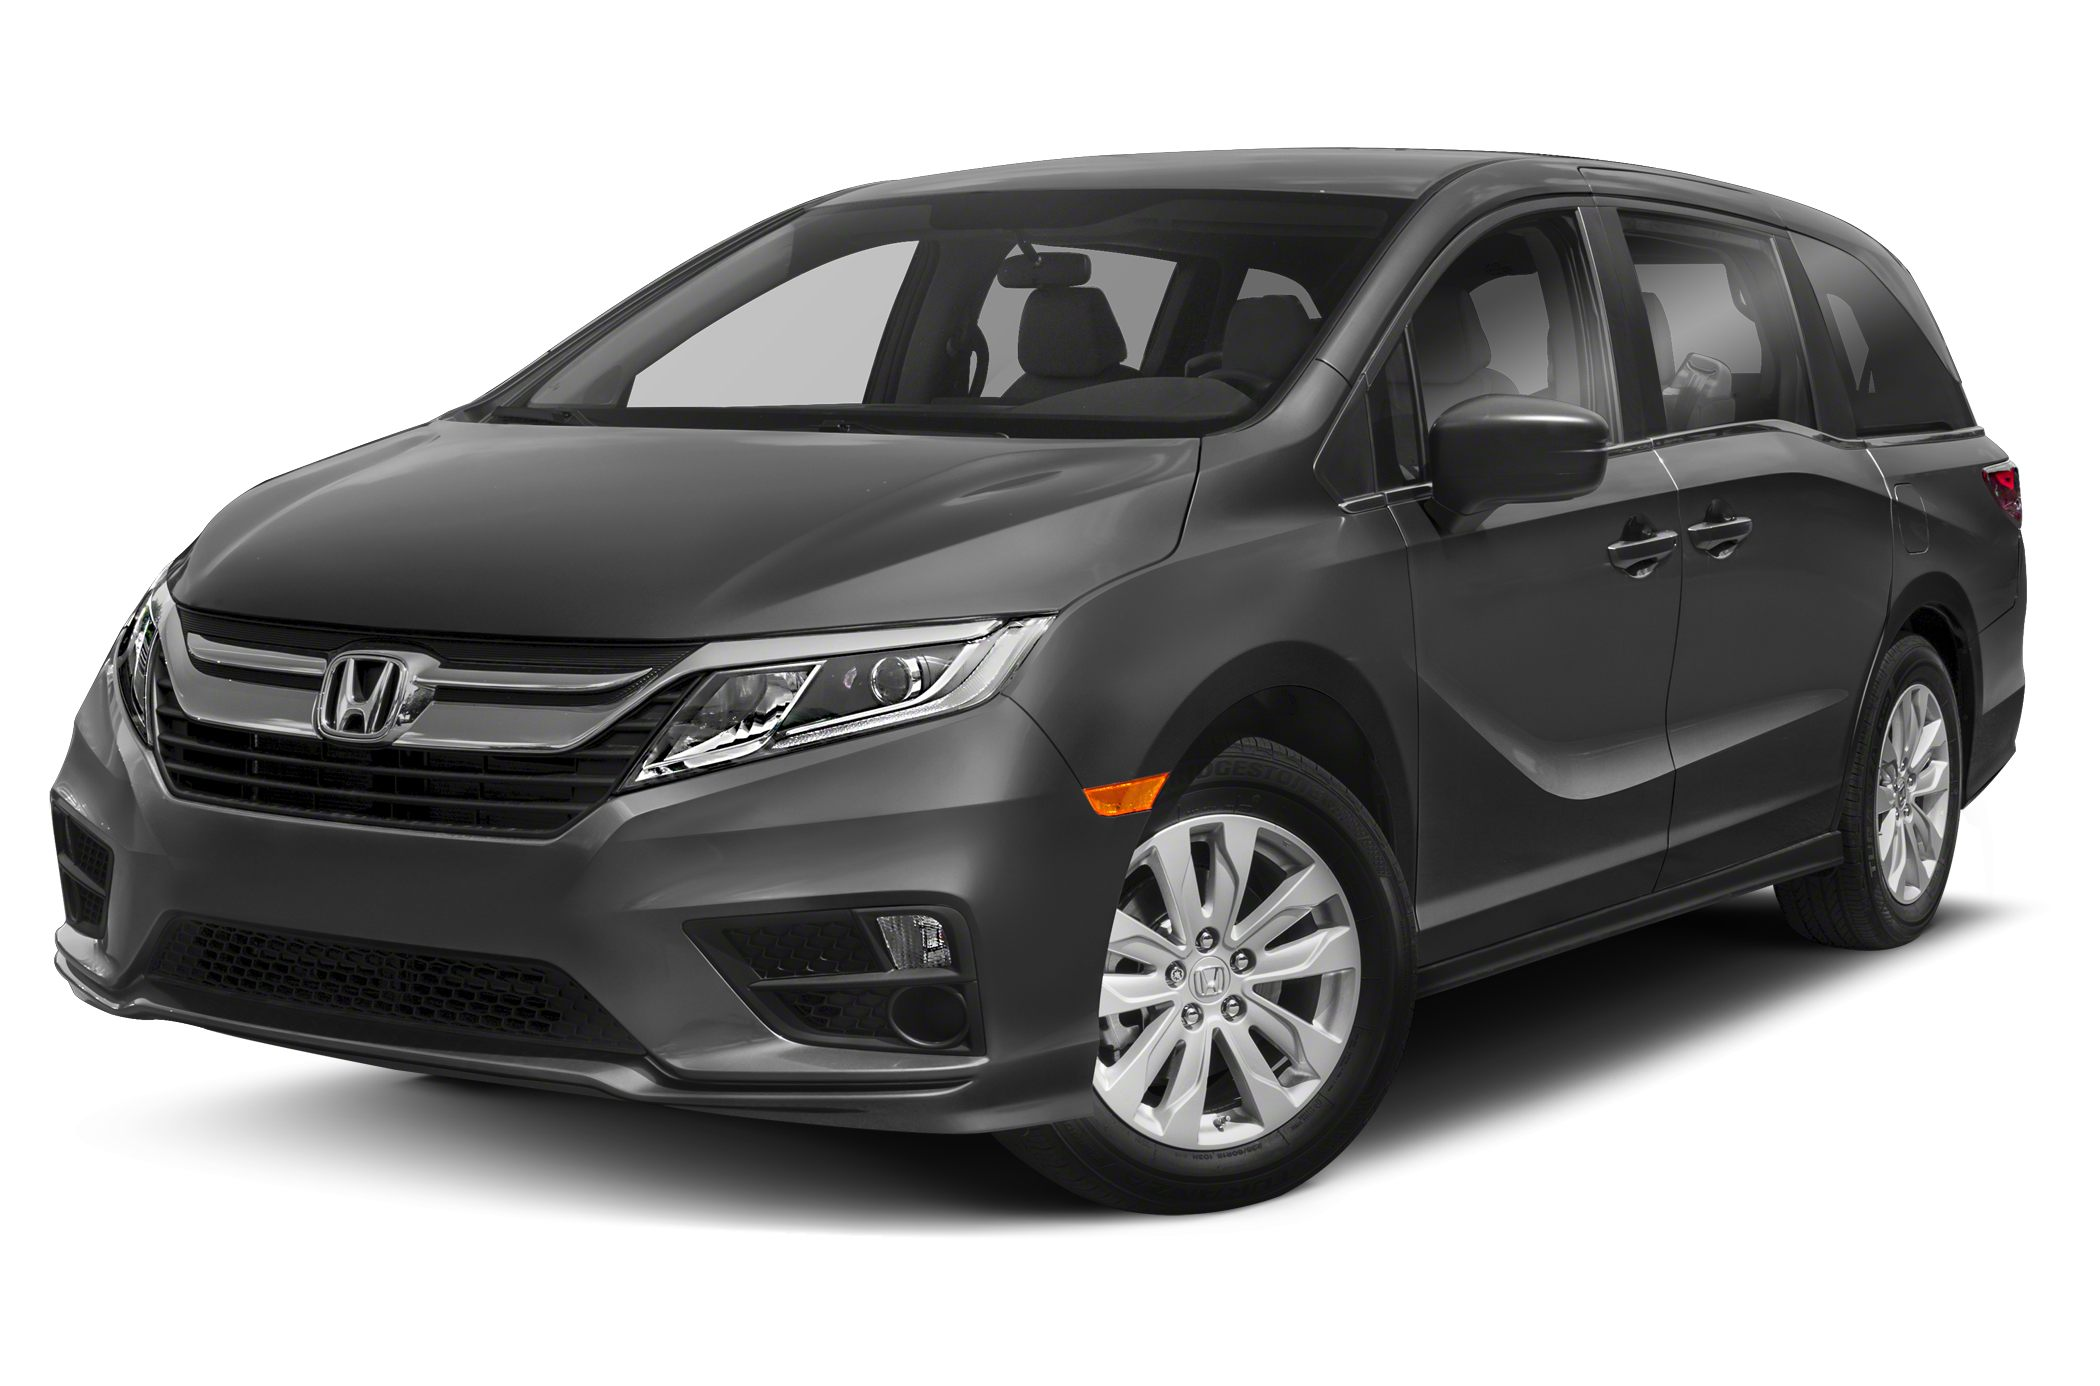 2018 Honda Odyssey LX (A9)